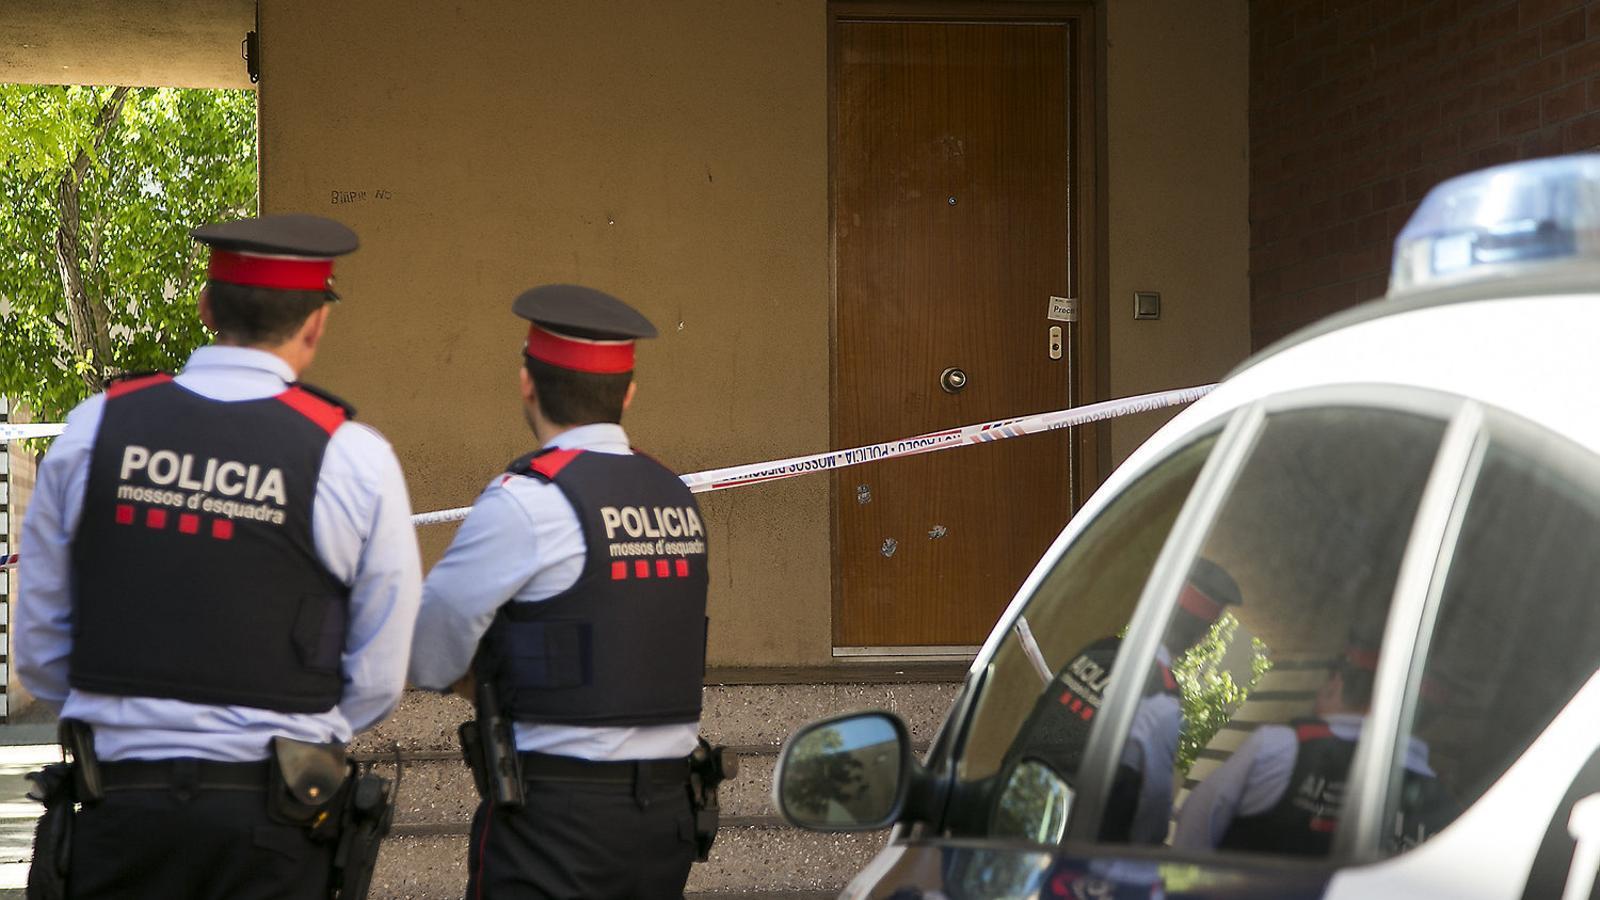 Dos agents dels Mossos d'Esquadra a l'escena d'un crim al Prat de Llobregat.